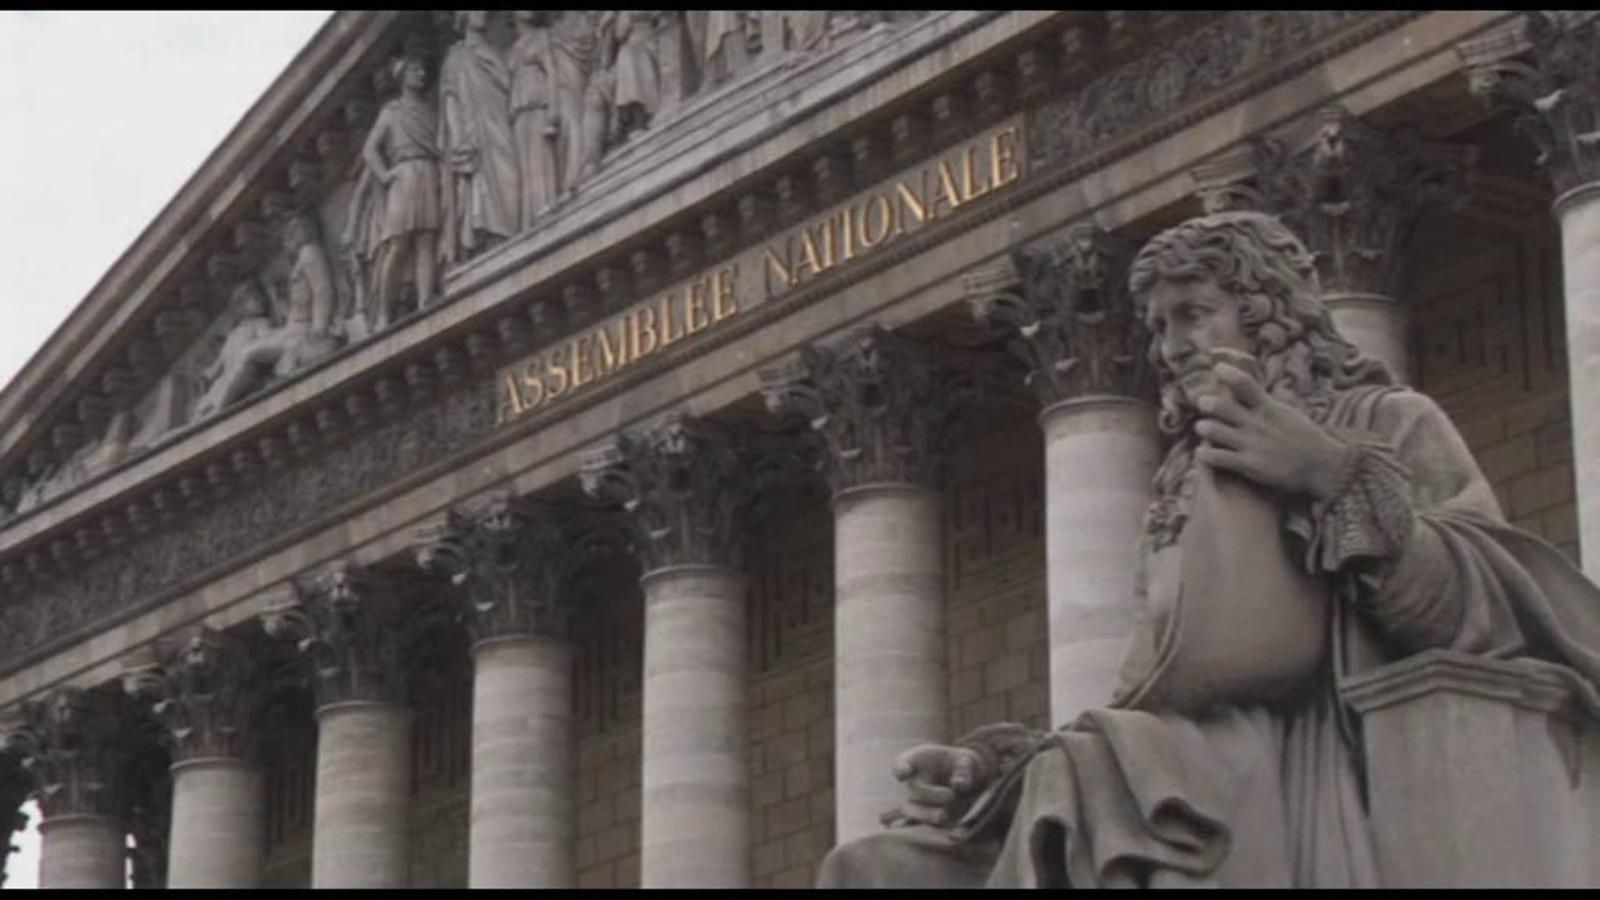 El parlament francès aprova les reformes d'Hollande